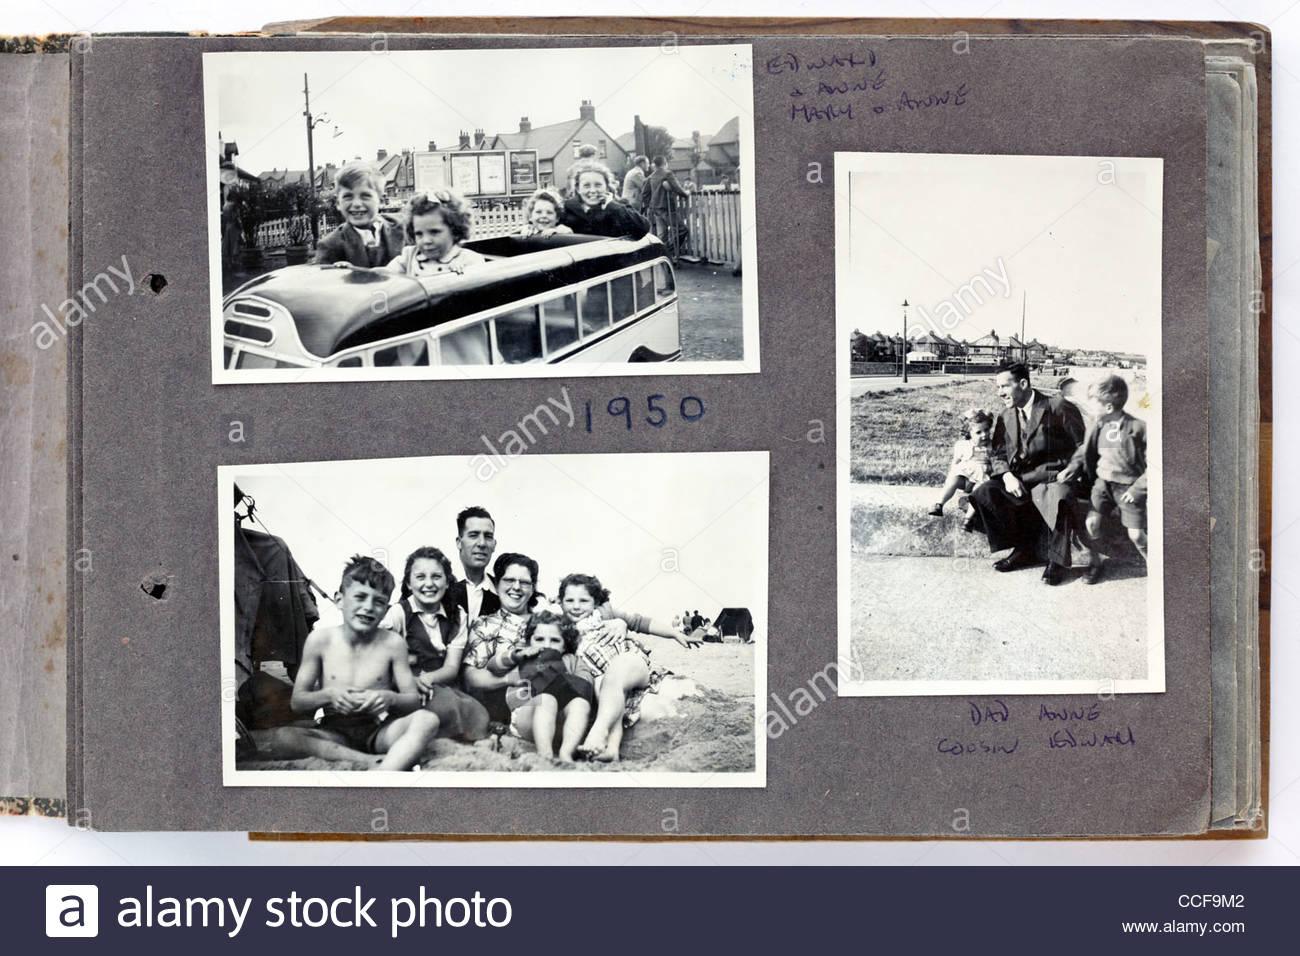 La famiglia felice momenti photo album page 1950 Inghilterra Immagini Stock